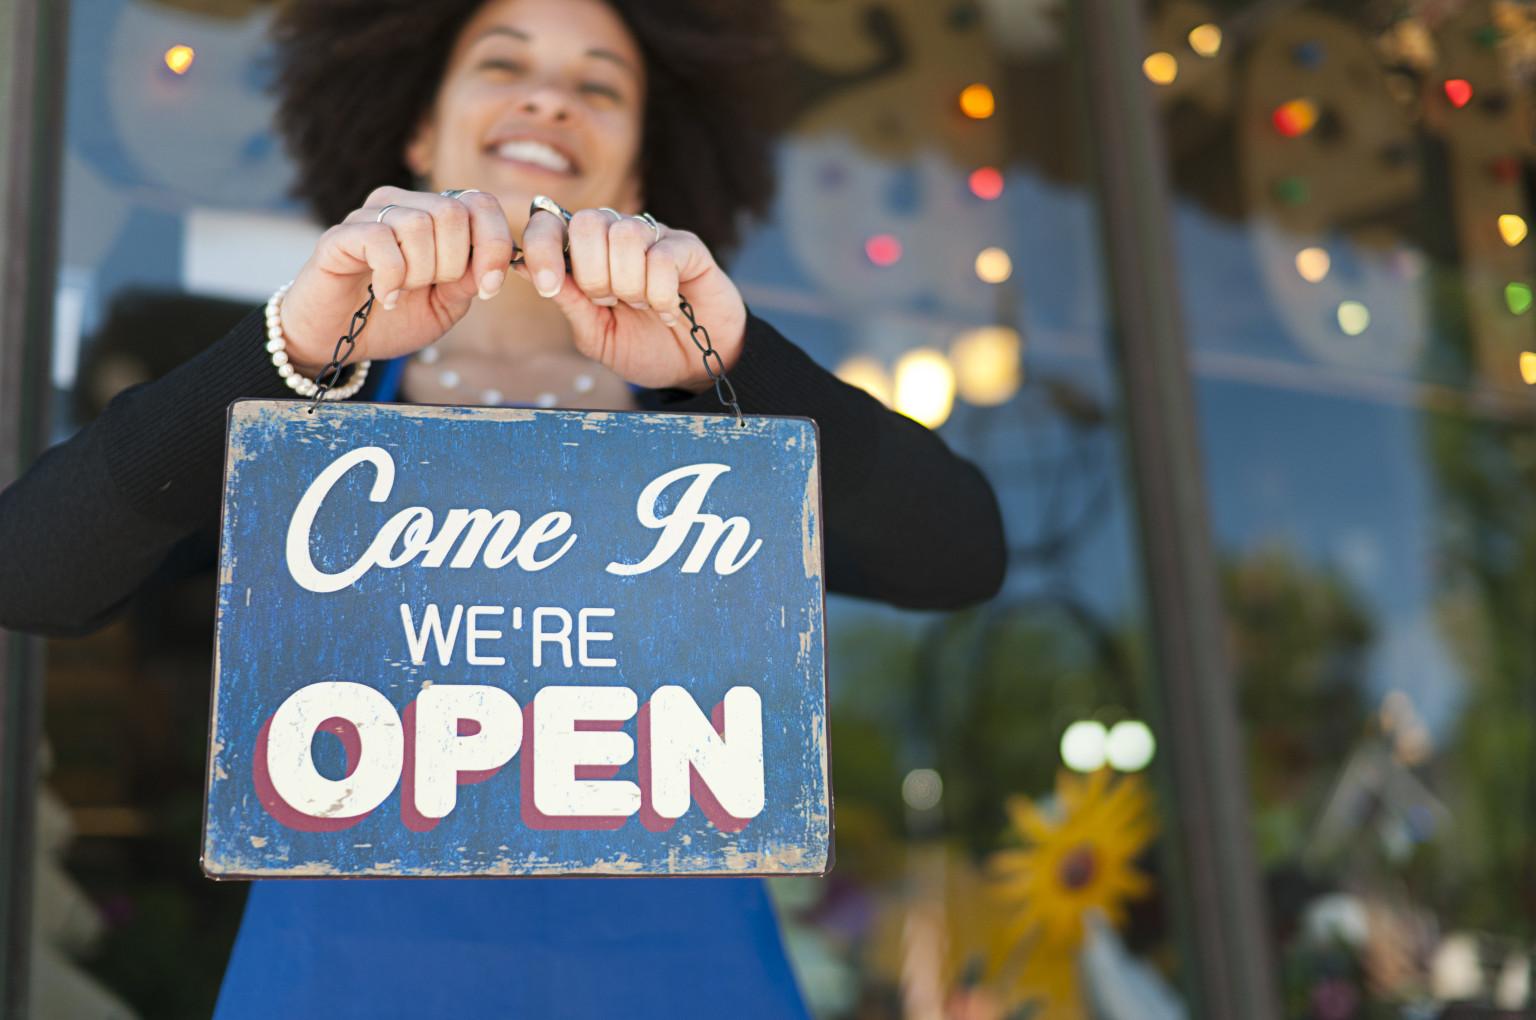 La temporada de impuestos para los negocios y un préstamo para su pequeña empresa